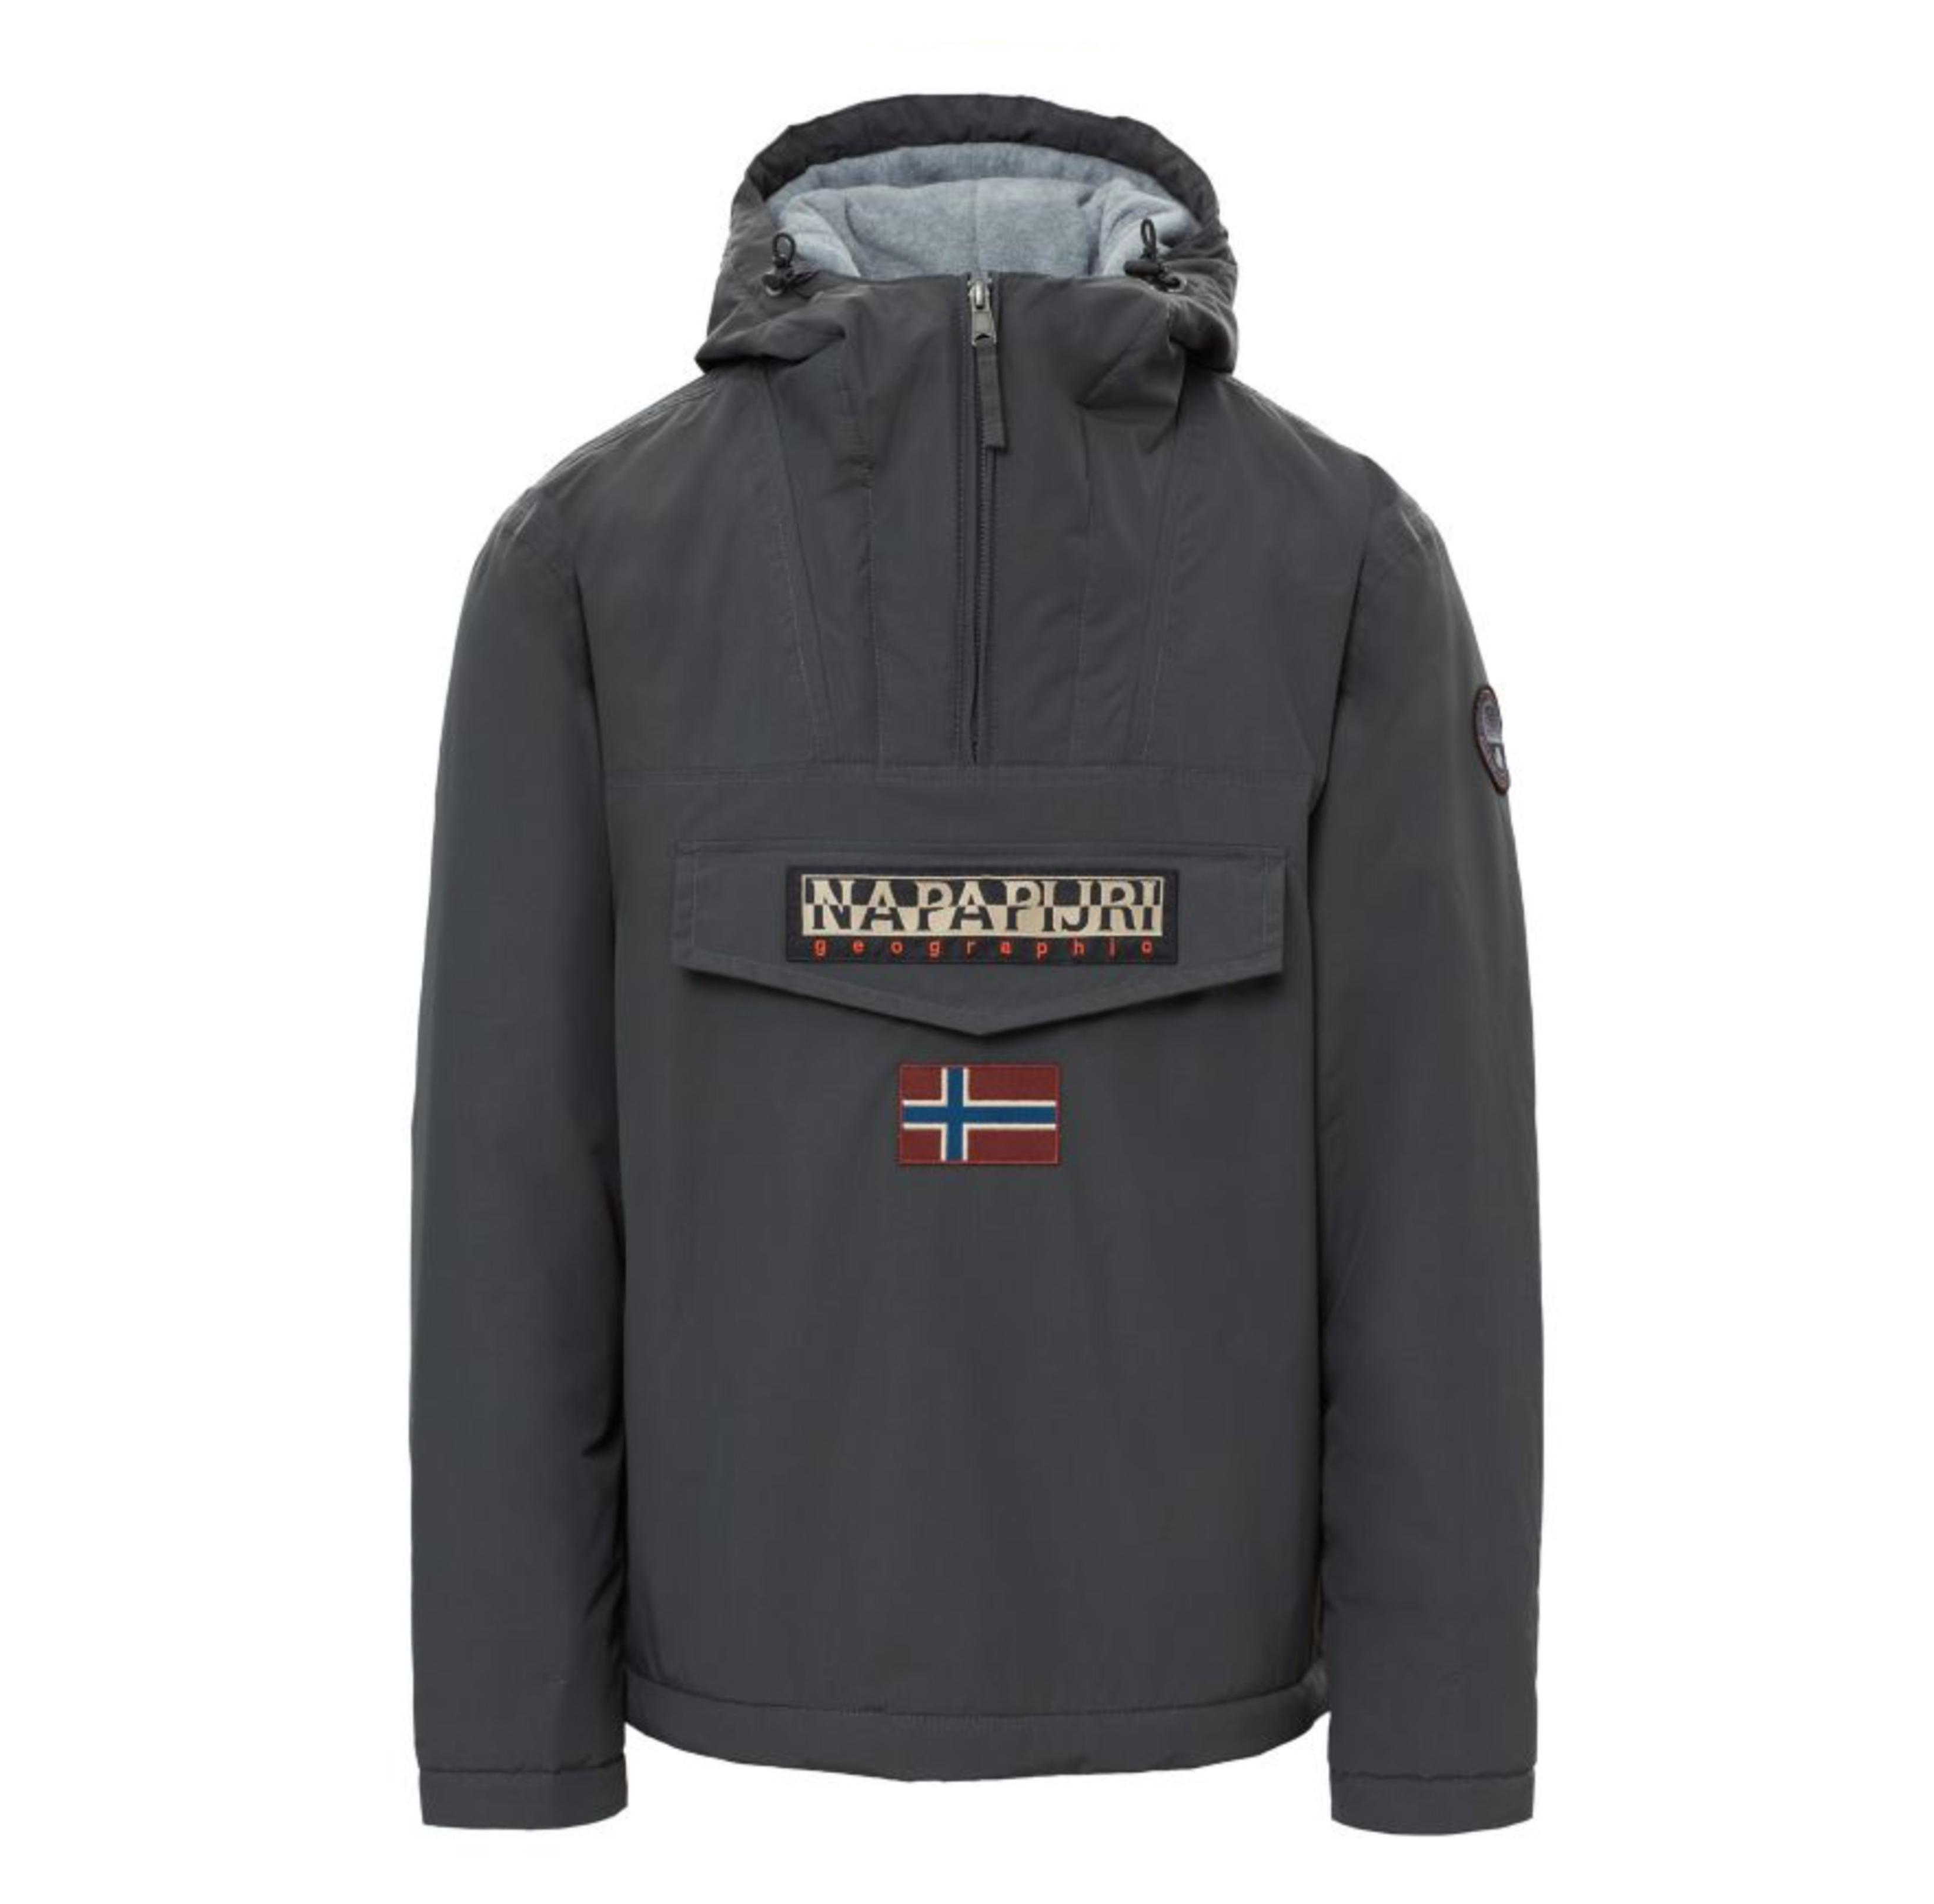 moins cher éclatant artisanat de qualité NAPAPIJRI rainforest winter gris Vêtements homme vestes et ...